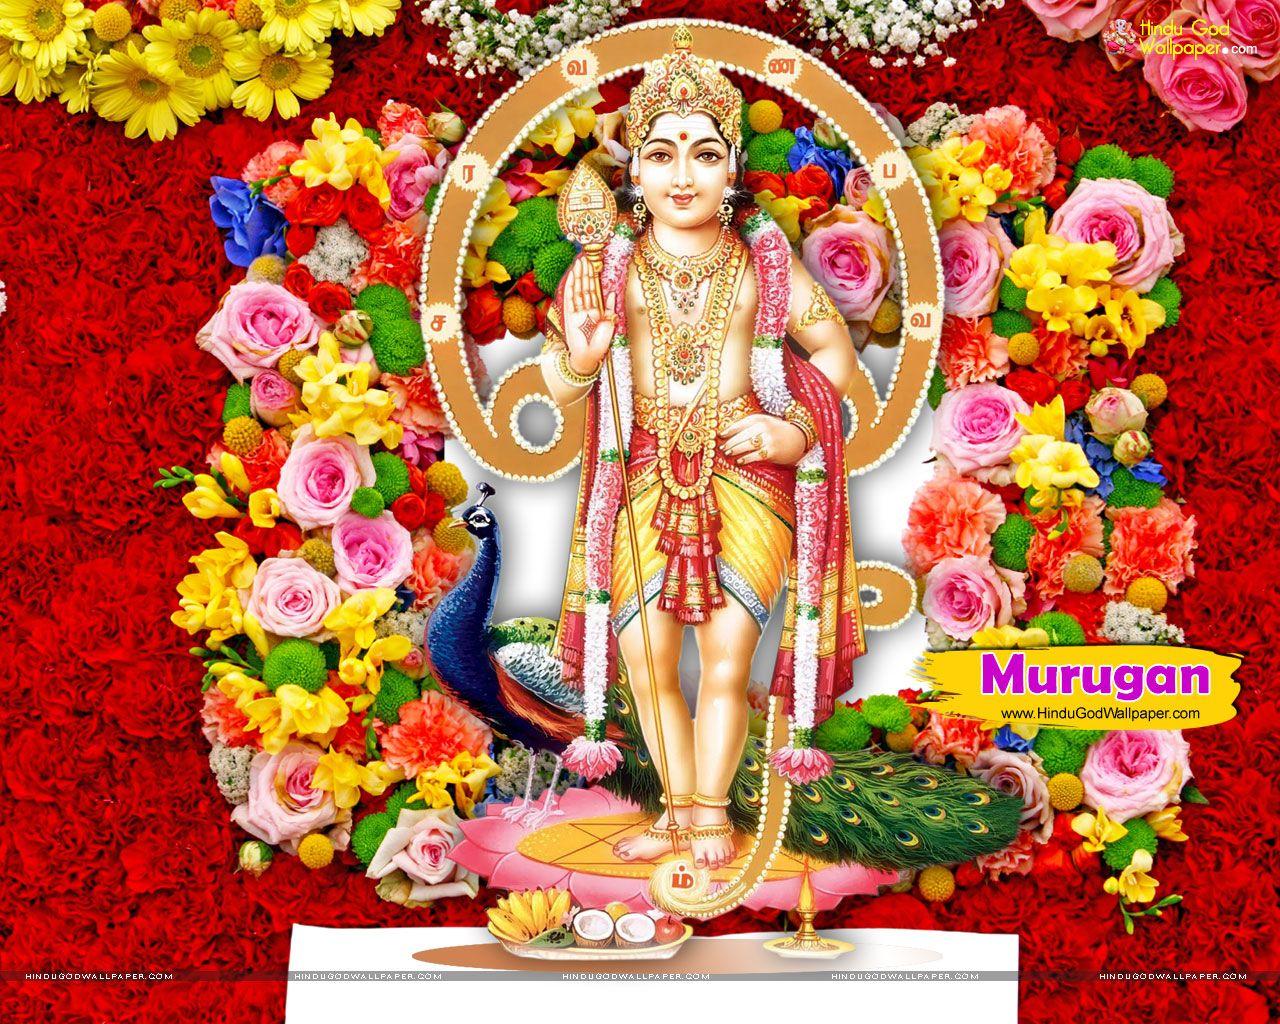 Wallpaper download karna hai - Lord Murugan Live Wallpaper Free Download